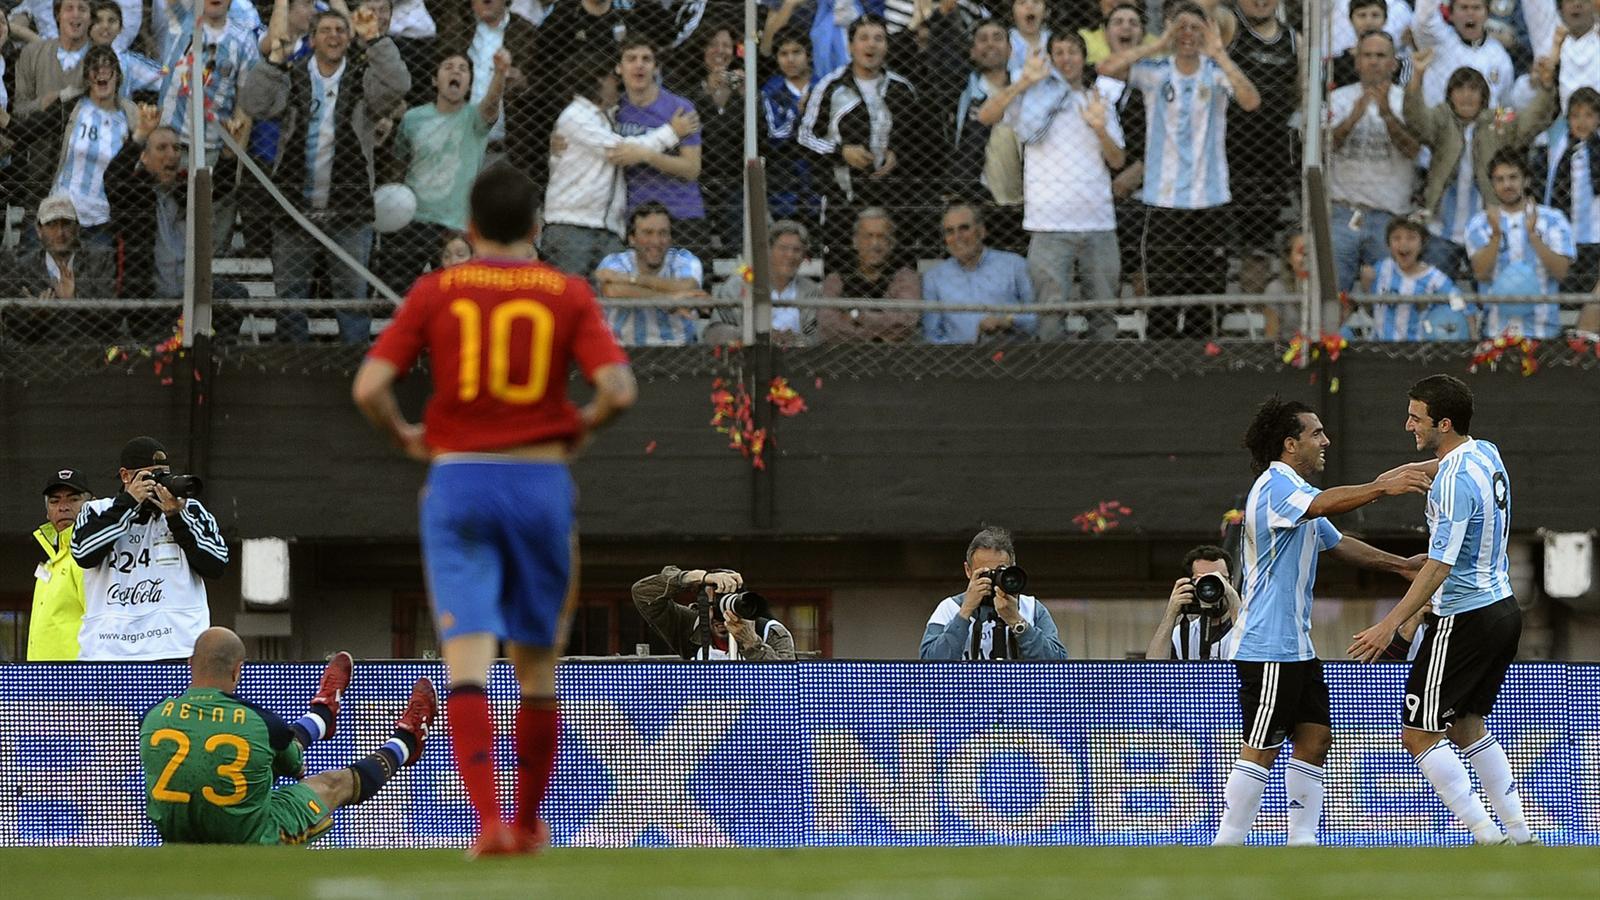 Tevez et Higuain lors de la victoire de l'Argentine sur l'Espagne en août 2010.